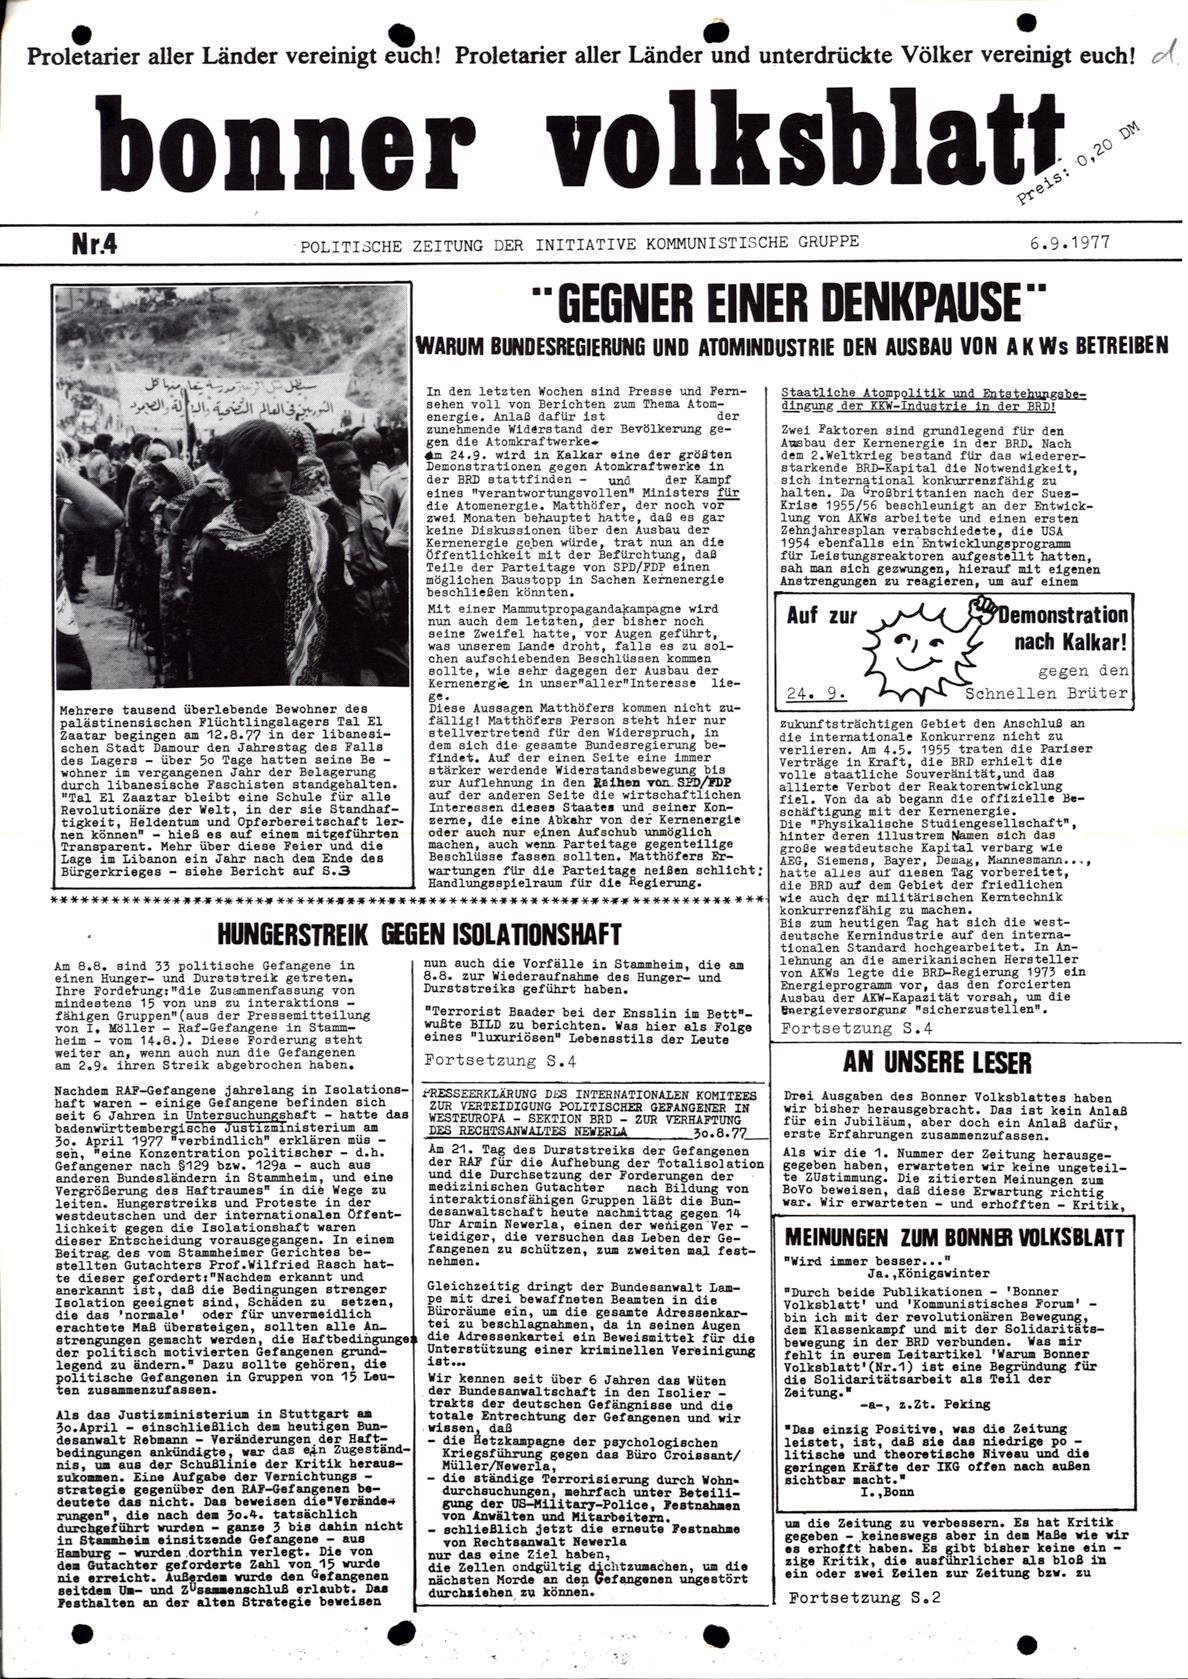 Bonner_Volksblatt_04_19770906_01